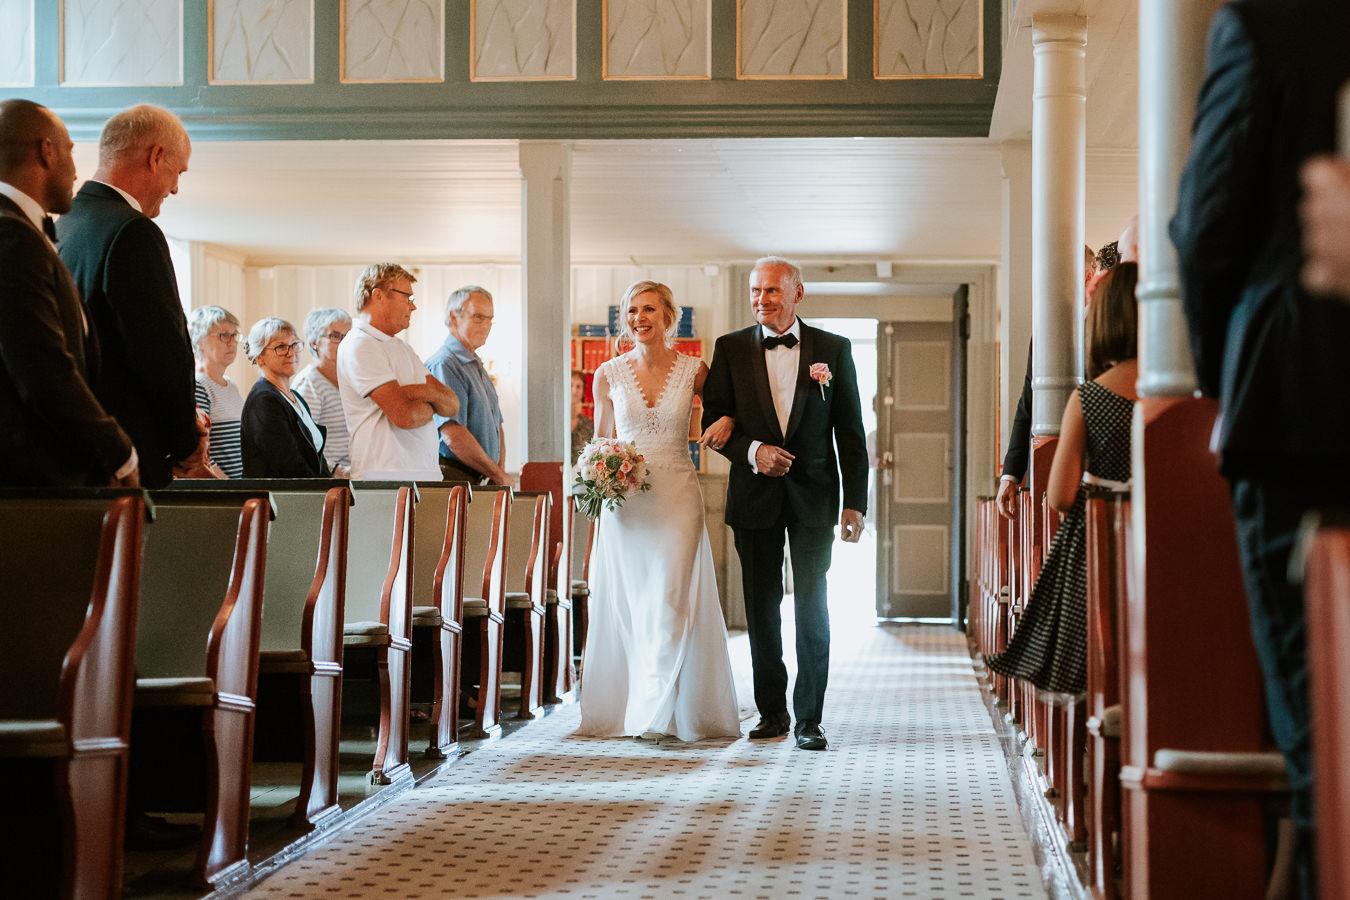 Bryllupsfotograf-kristiansand-tveit-kirke-121.jpg